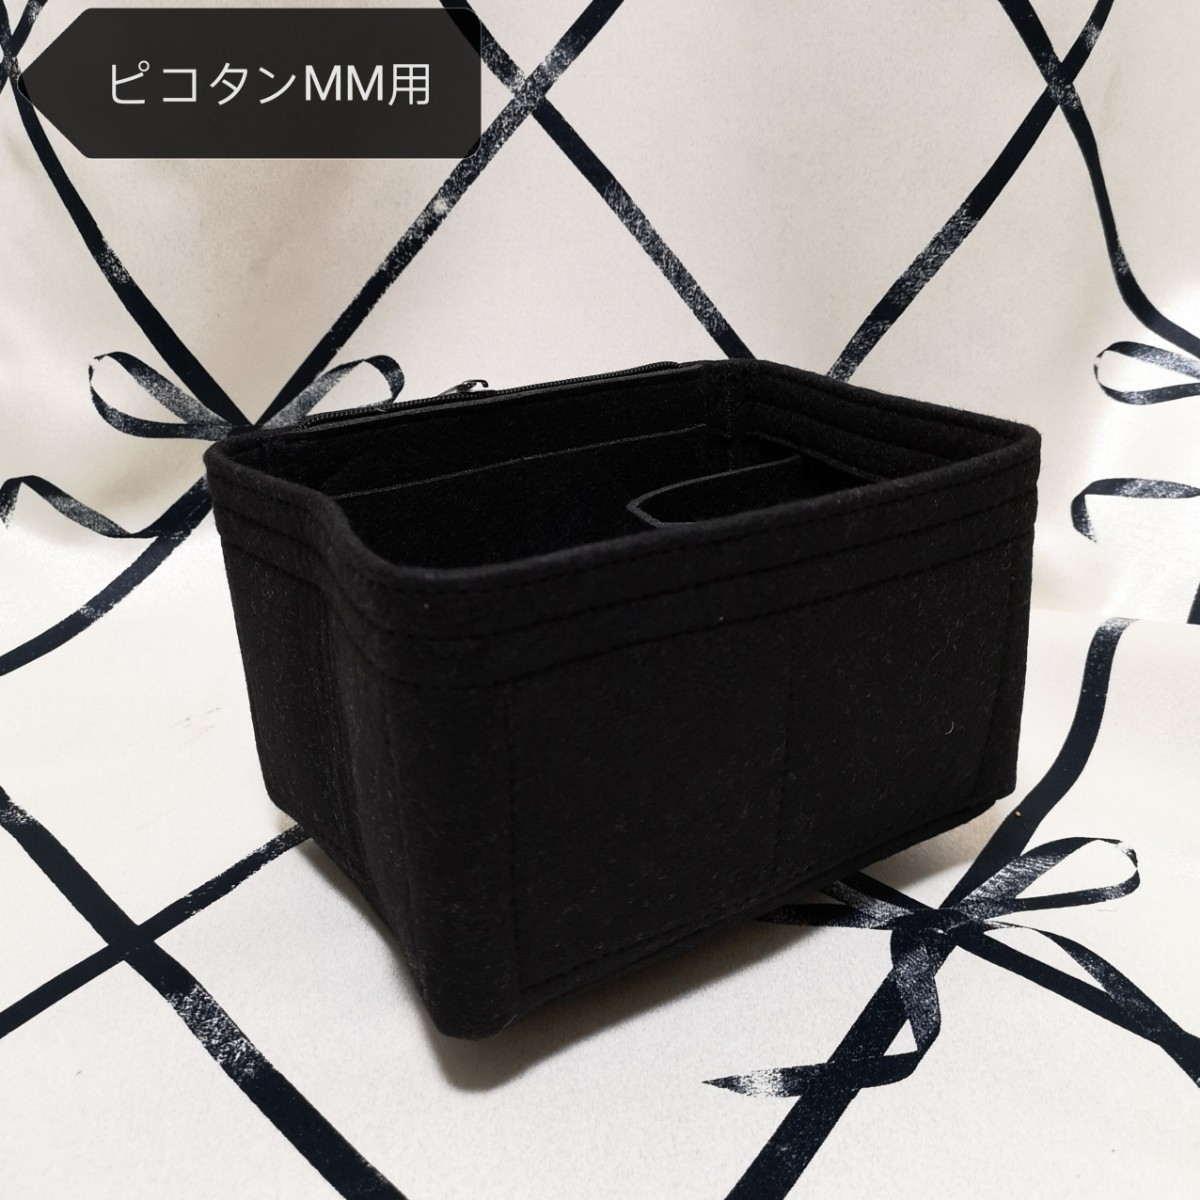 バッグインバッグ インナーバッグ  ピコタン MM ブラック 黒 ノワール